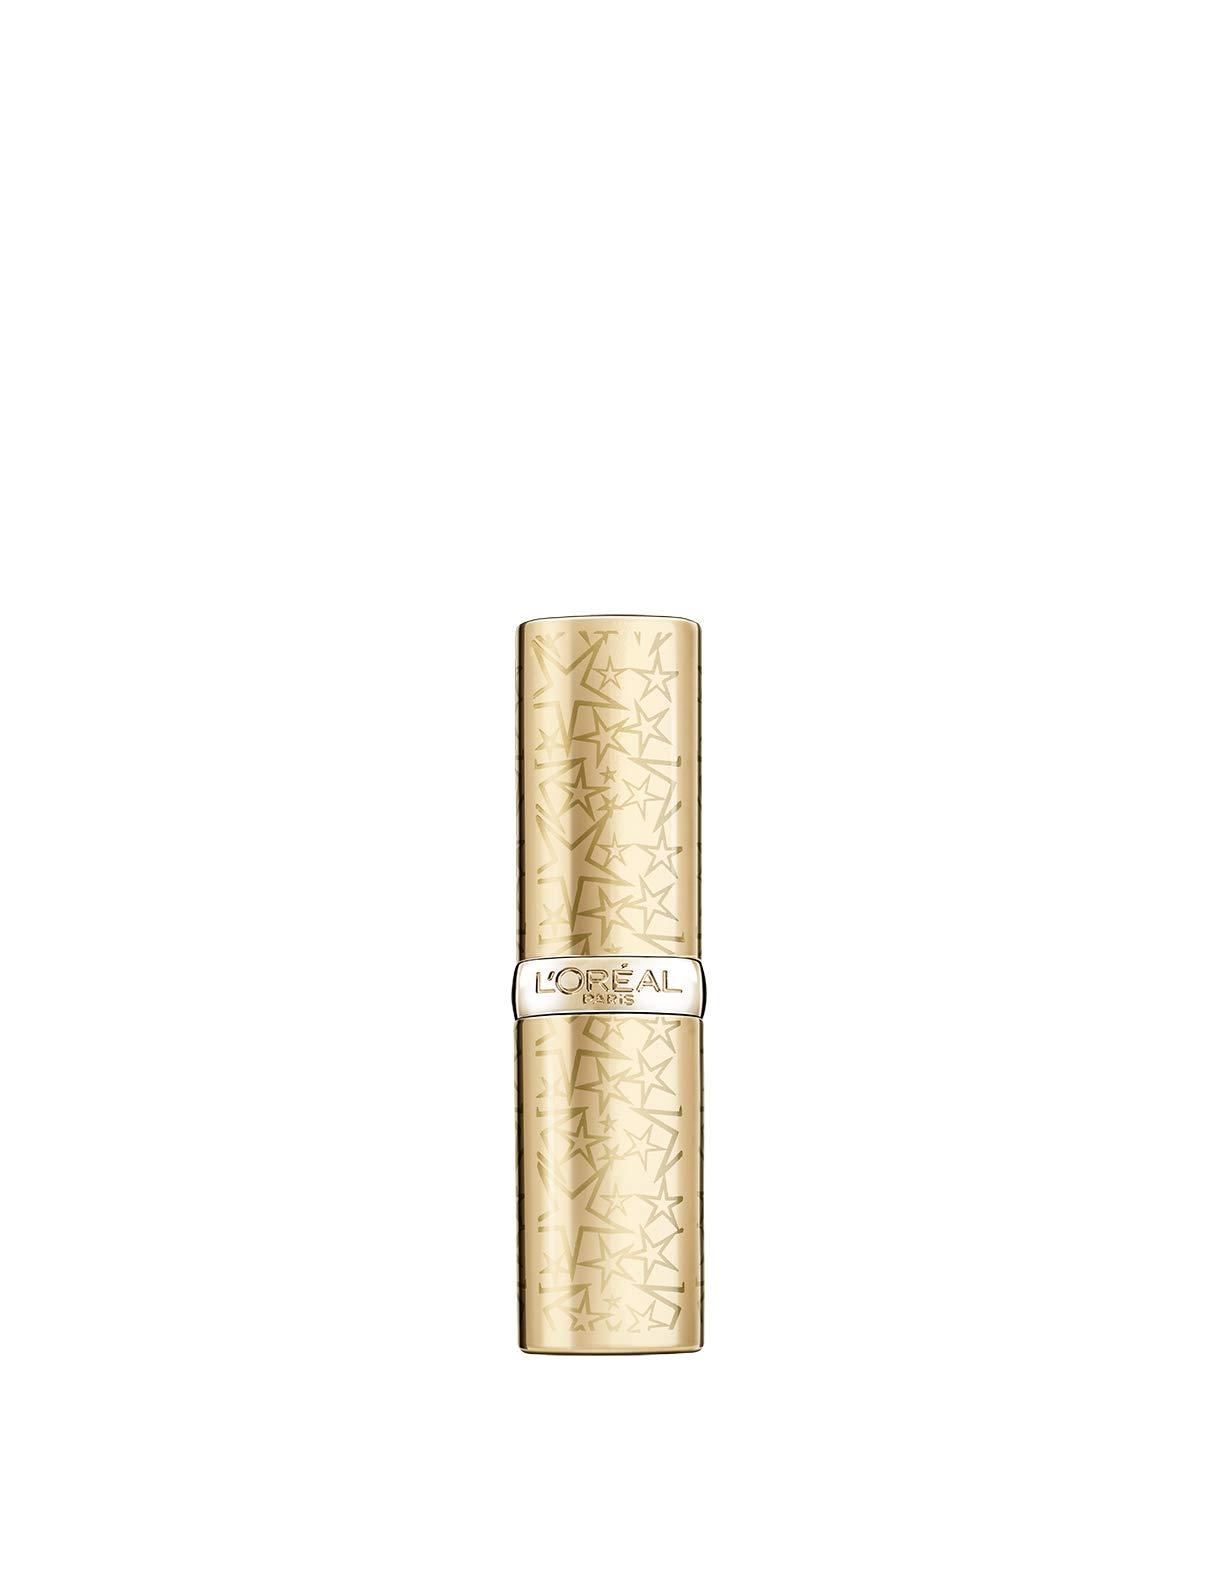 L'Oréal Paris – Pintalabios Color Riche 488 Close at Night Starlight in Paris edición limitada de Navidad